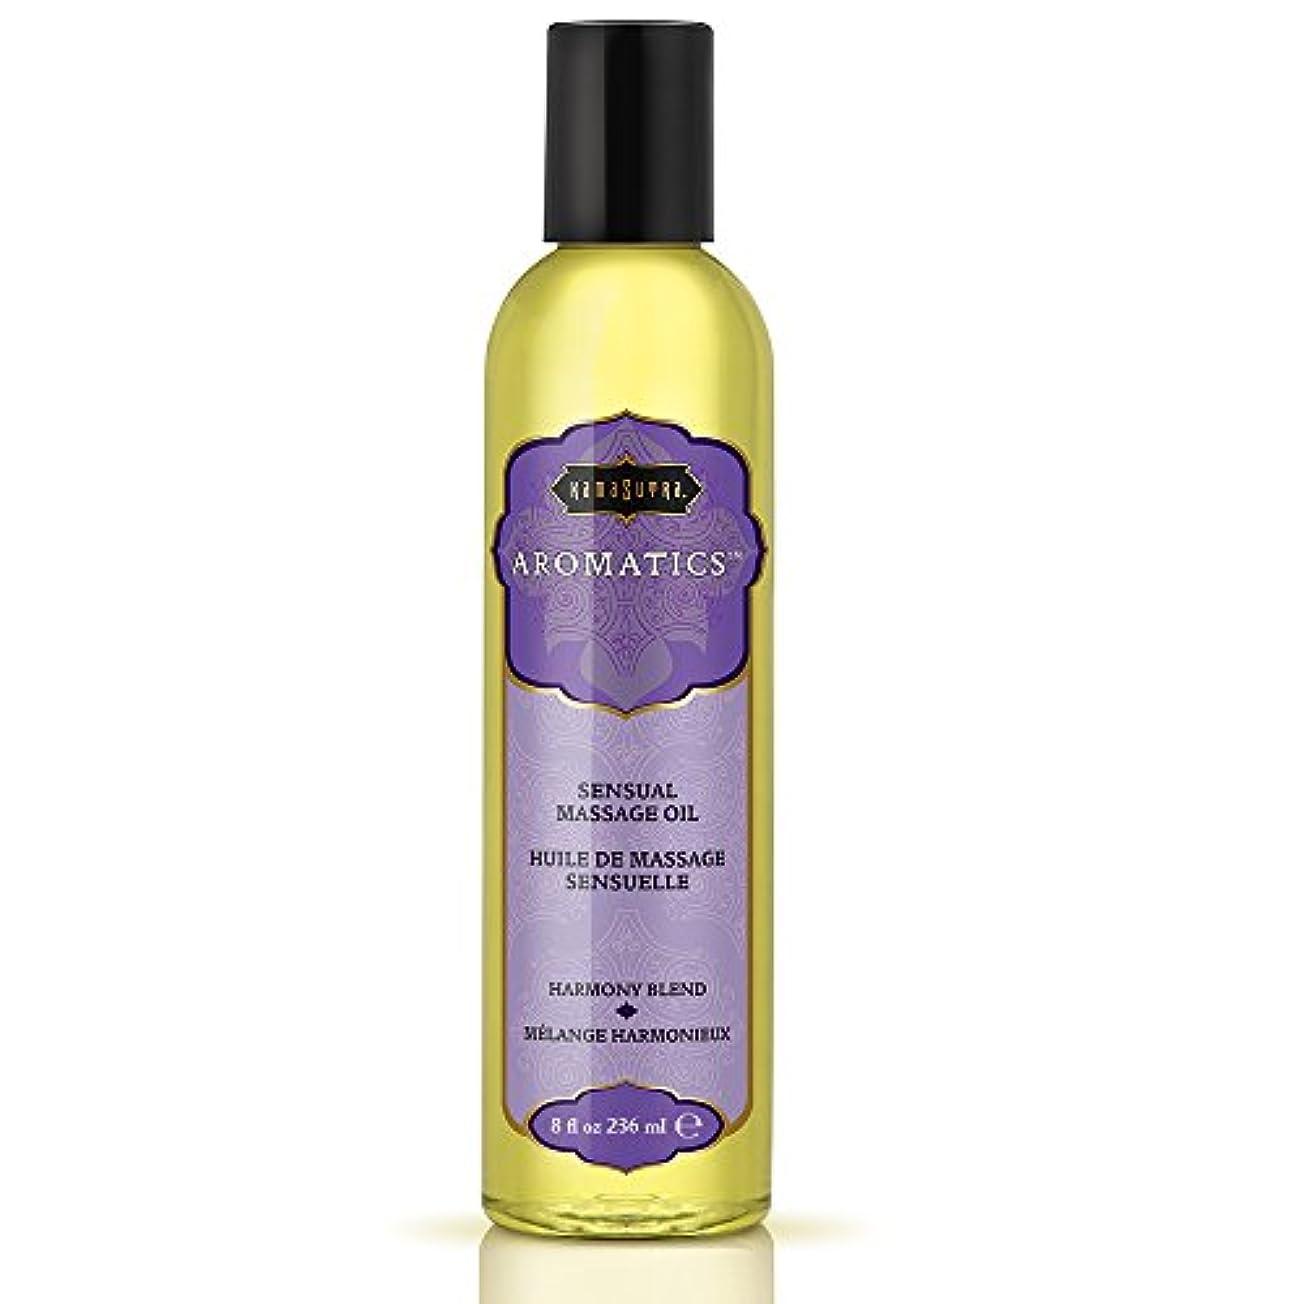 法律参照パイントAromatic Massage Oil Harmony Blend 8oz by Kama Sutra